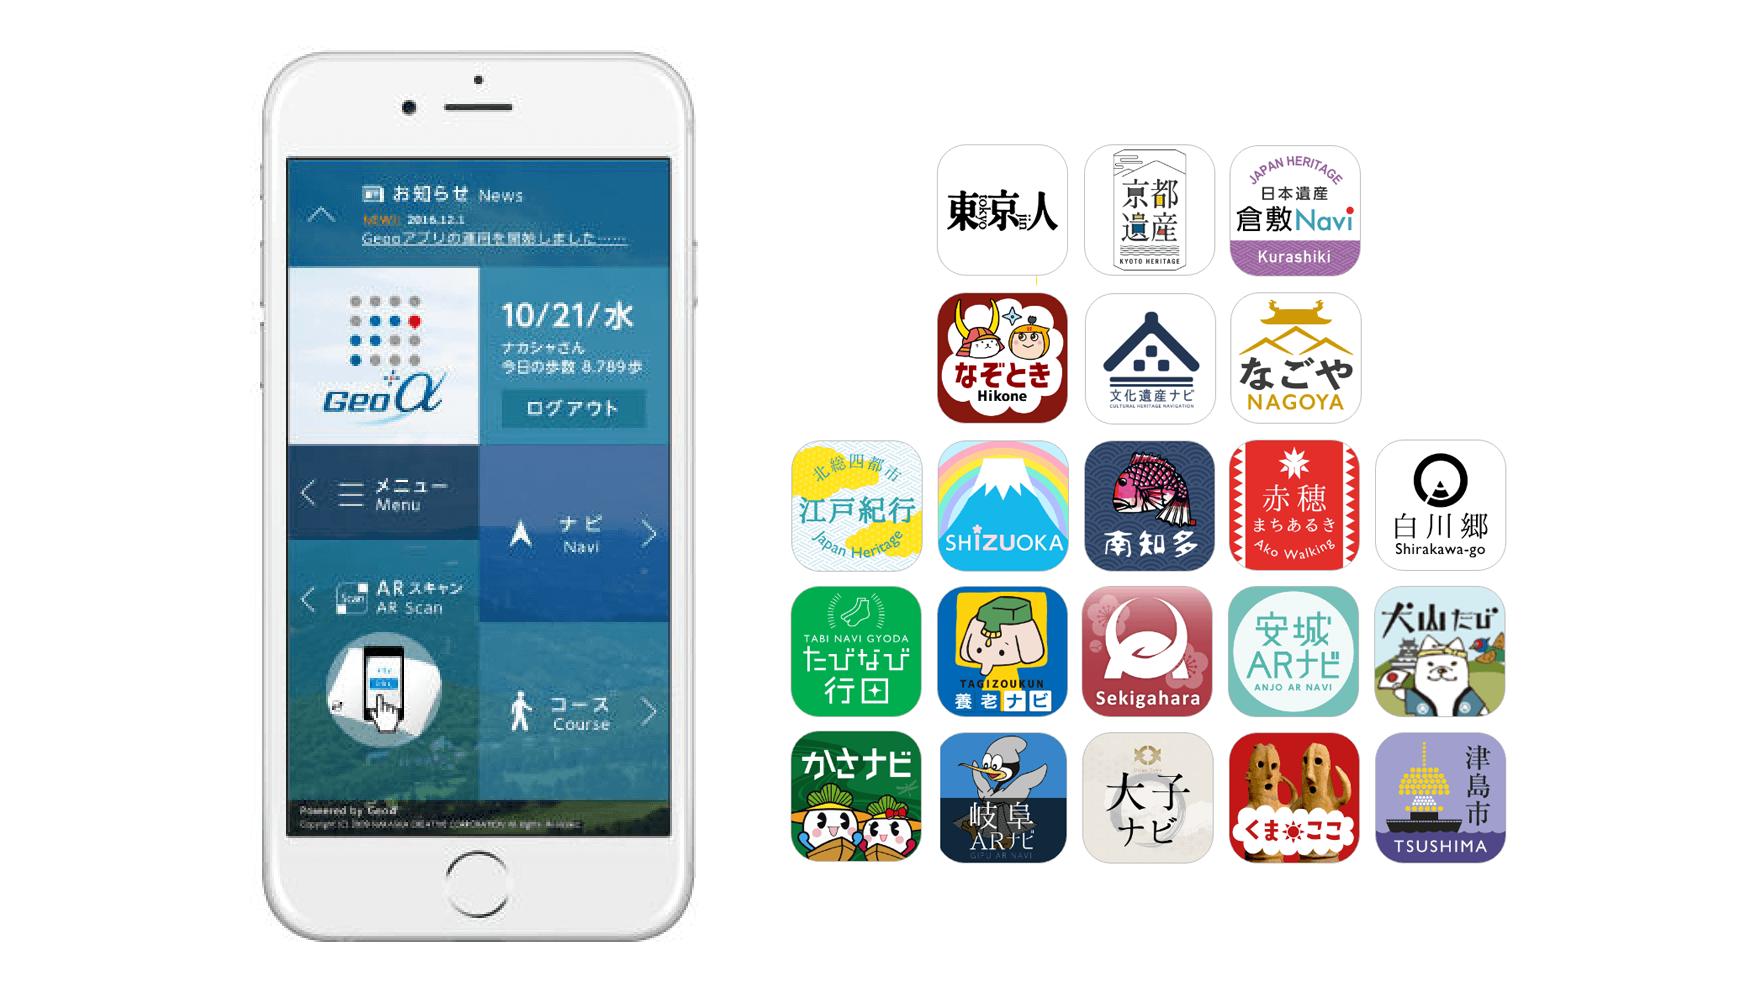 【観光インバウンド】現在リリースされている観光アプリの一覧